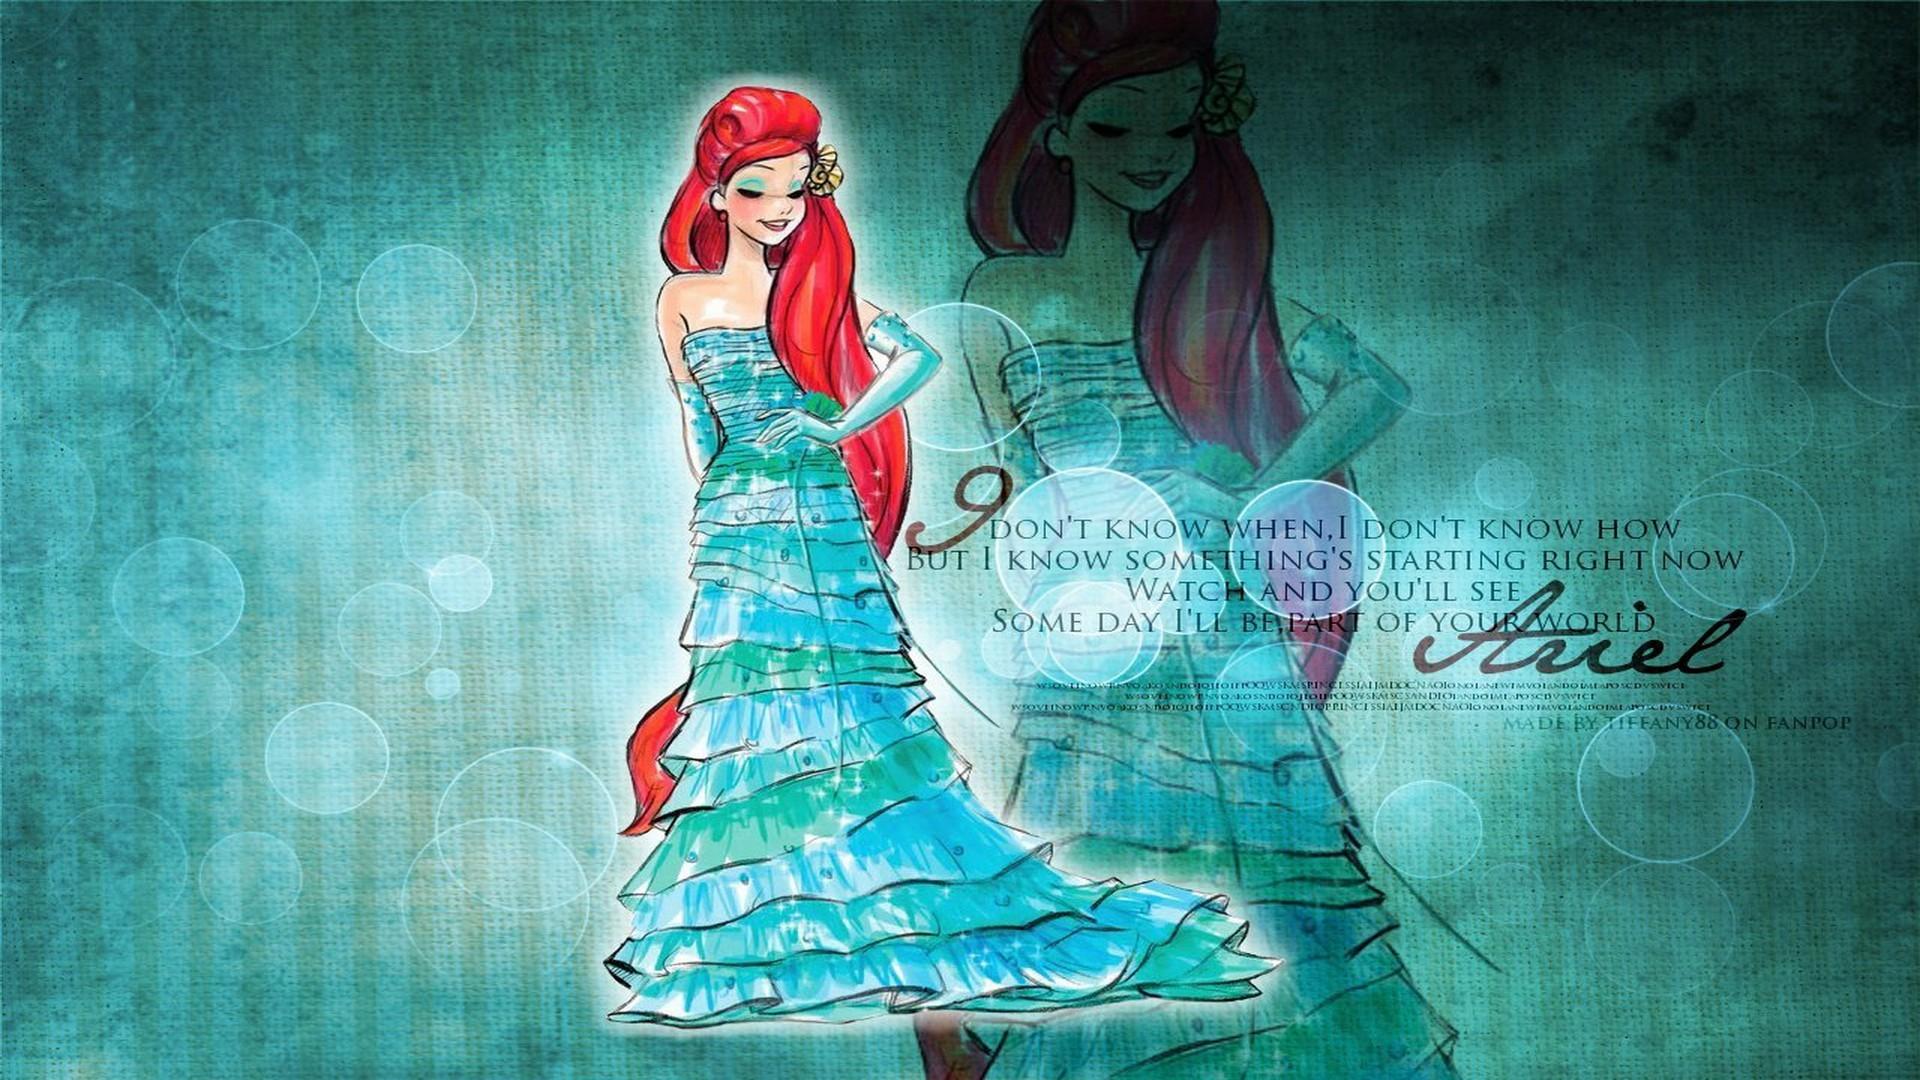 adult princess quotes wallpapers for desktop   Walt Disney Princess Ariel  HD Wallpaper Walt Disney Princess